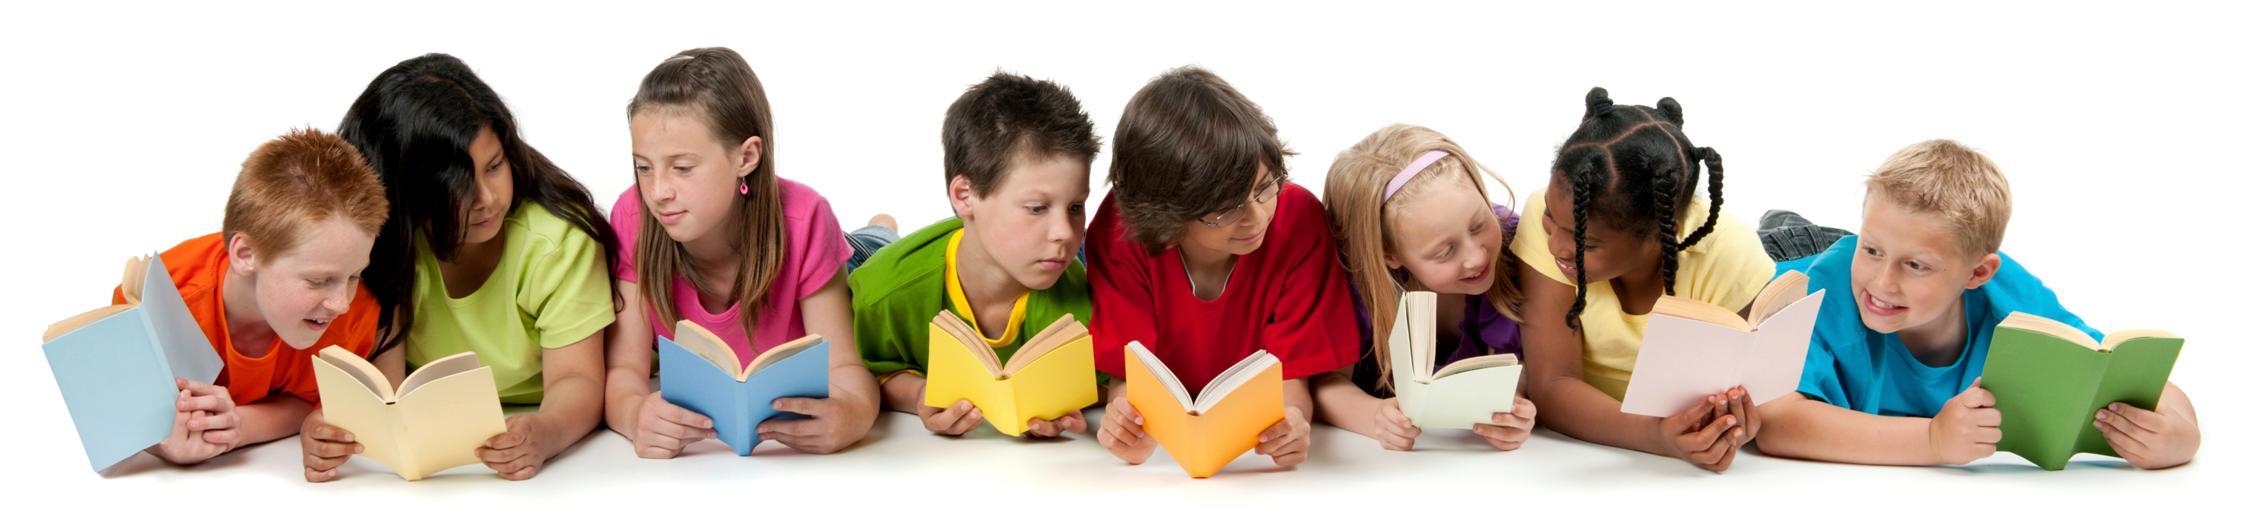 kids-reading_image